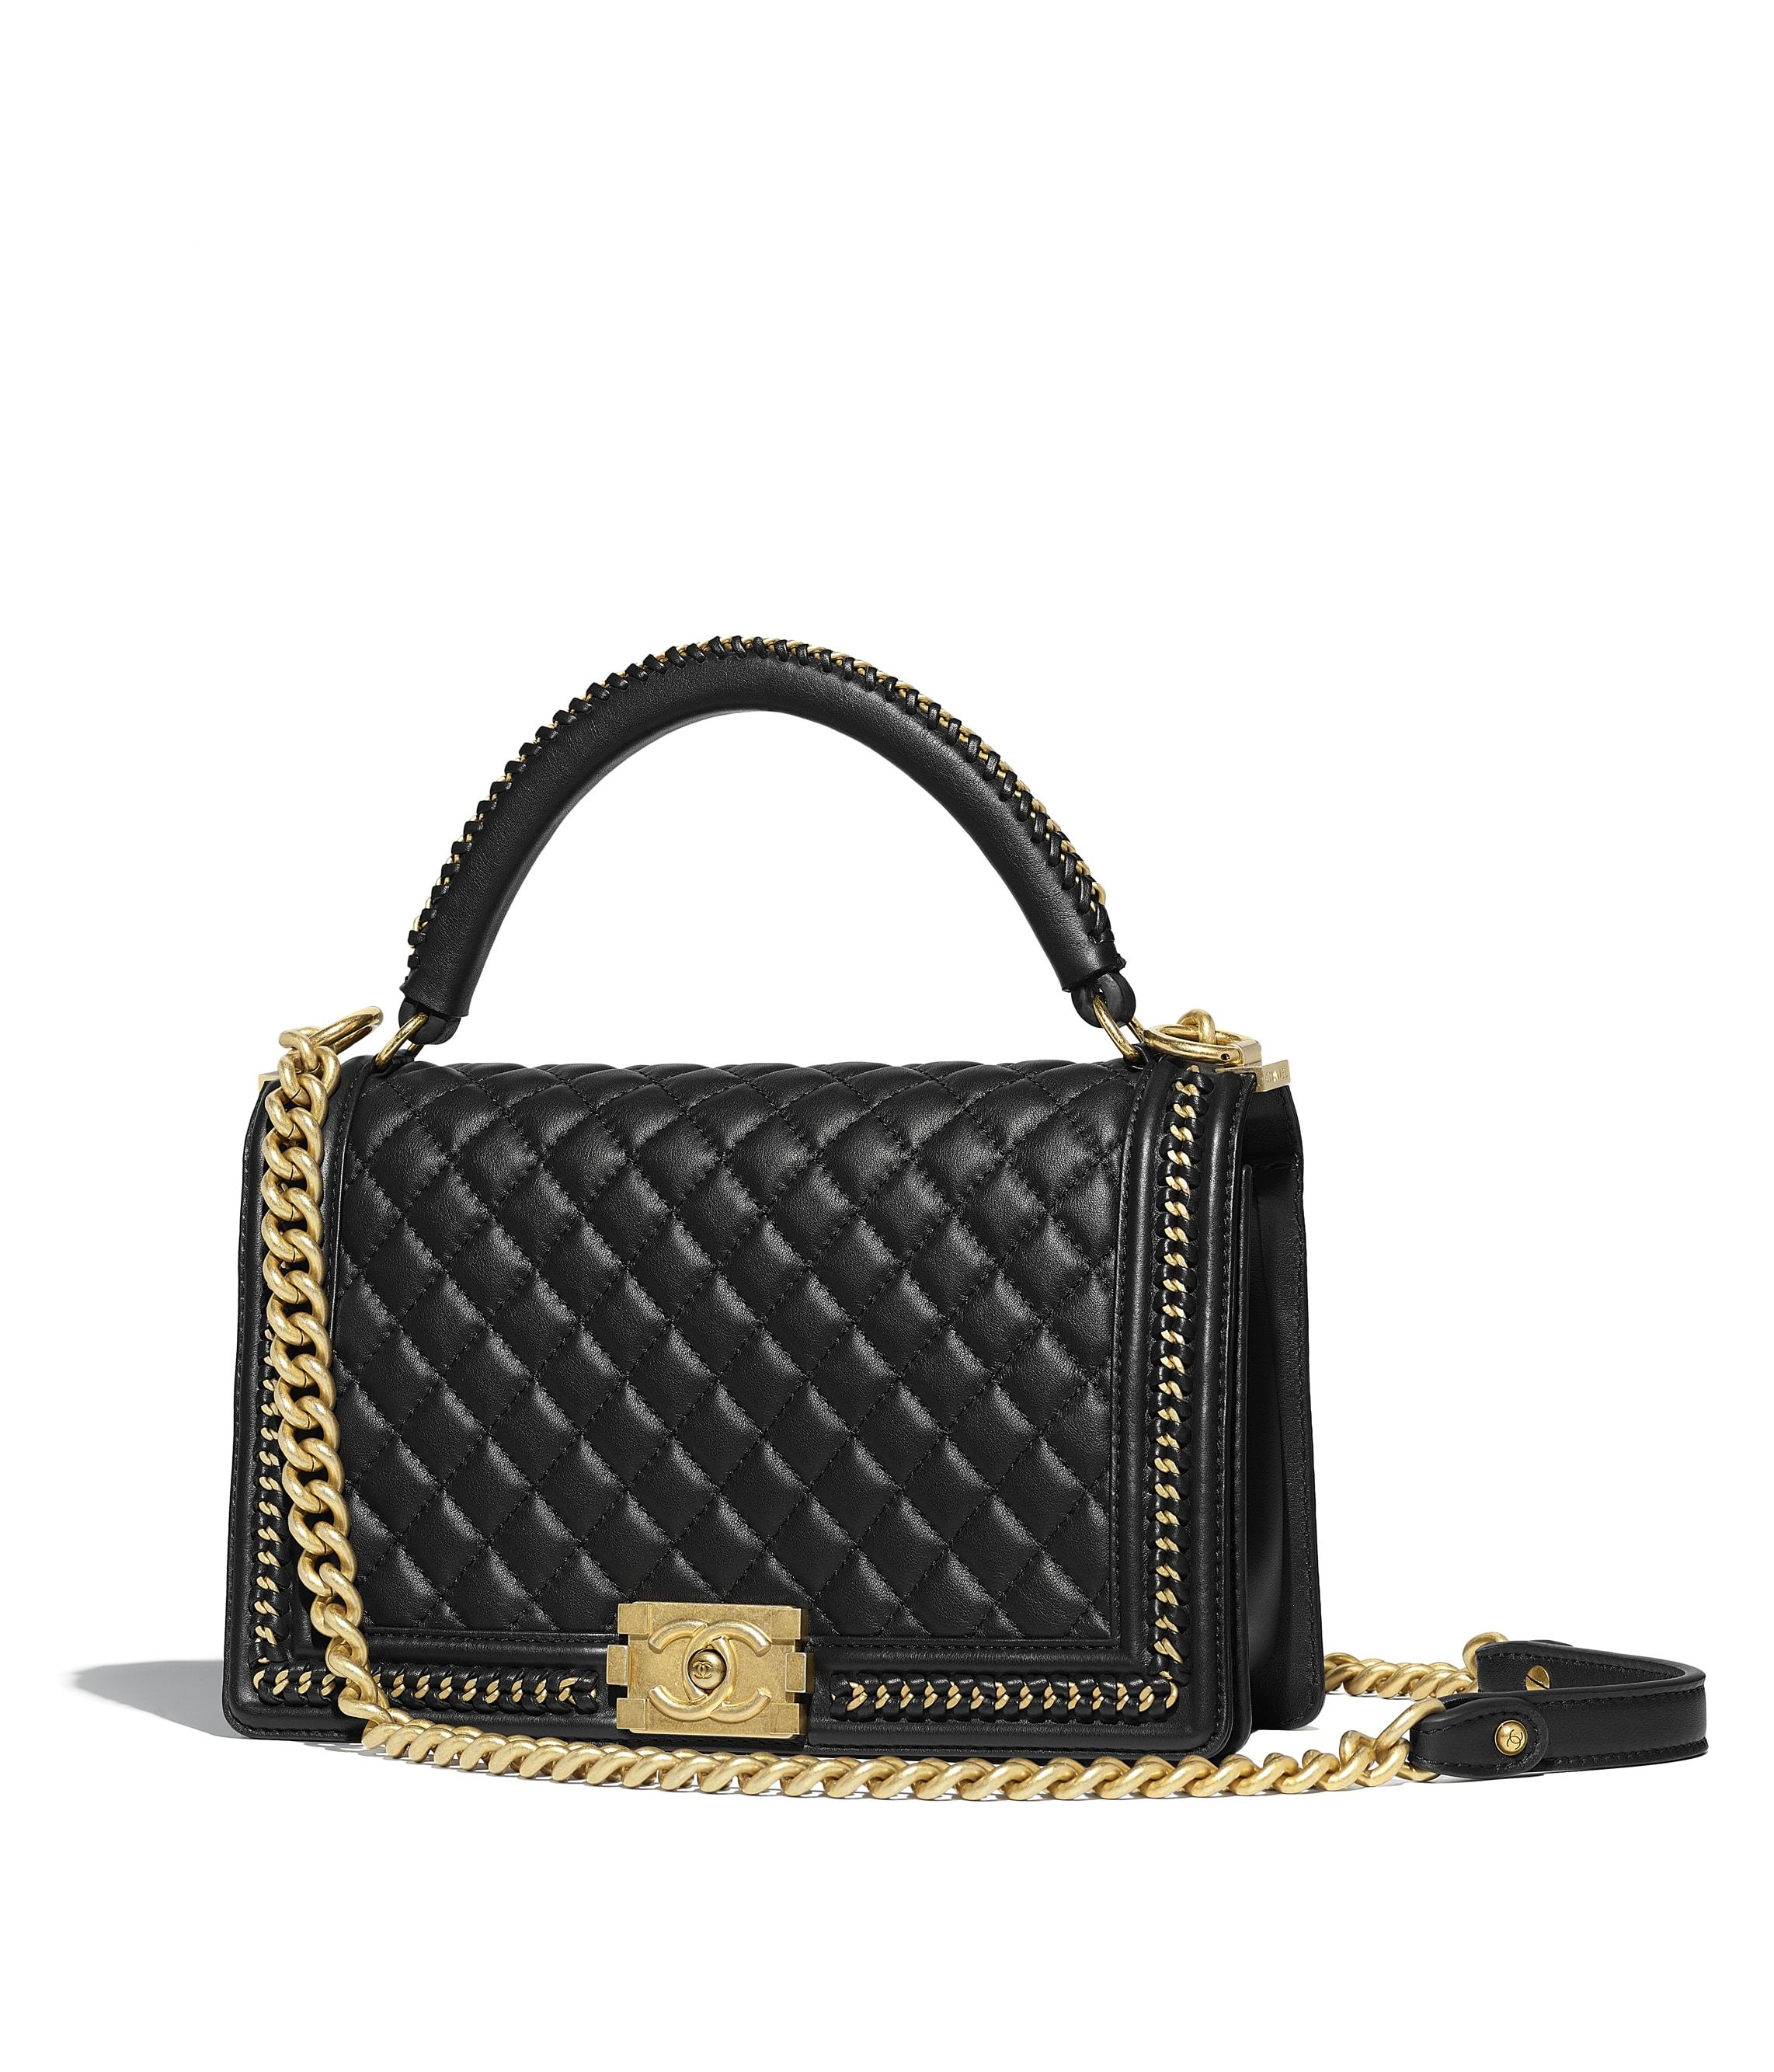 Www Chanel Com Handbags 2018 - Style Guru: Fashion, Glitz ...